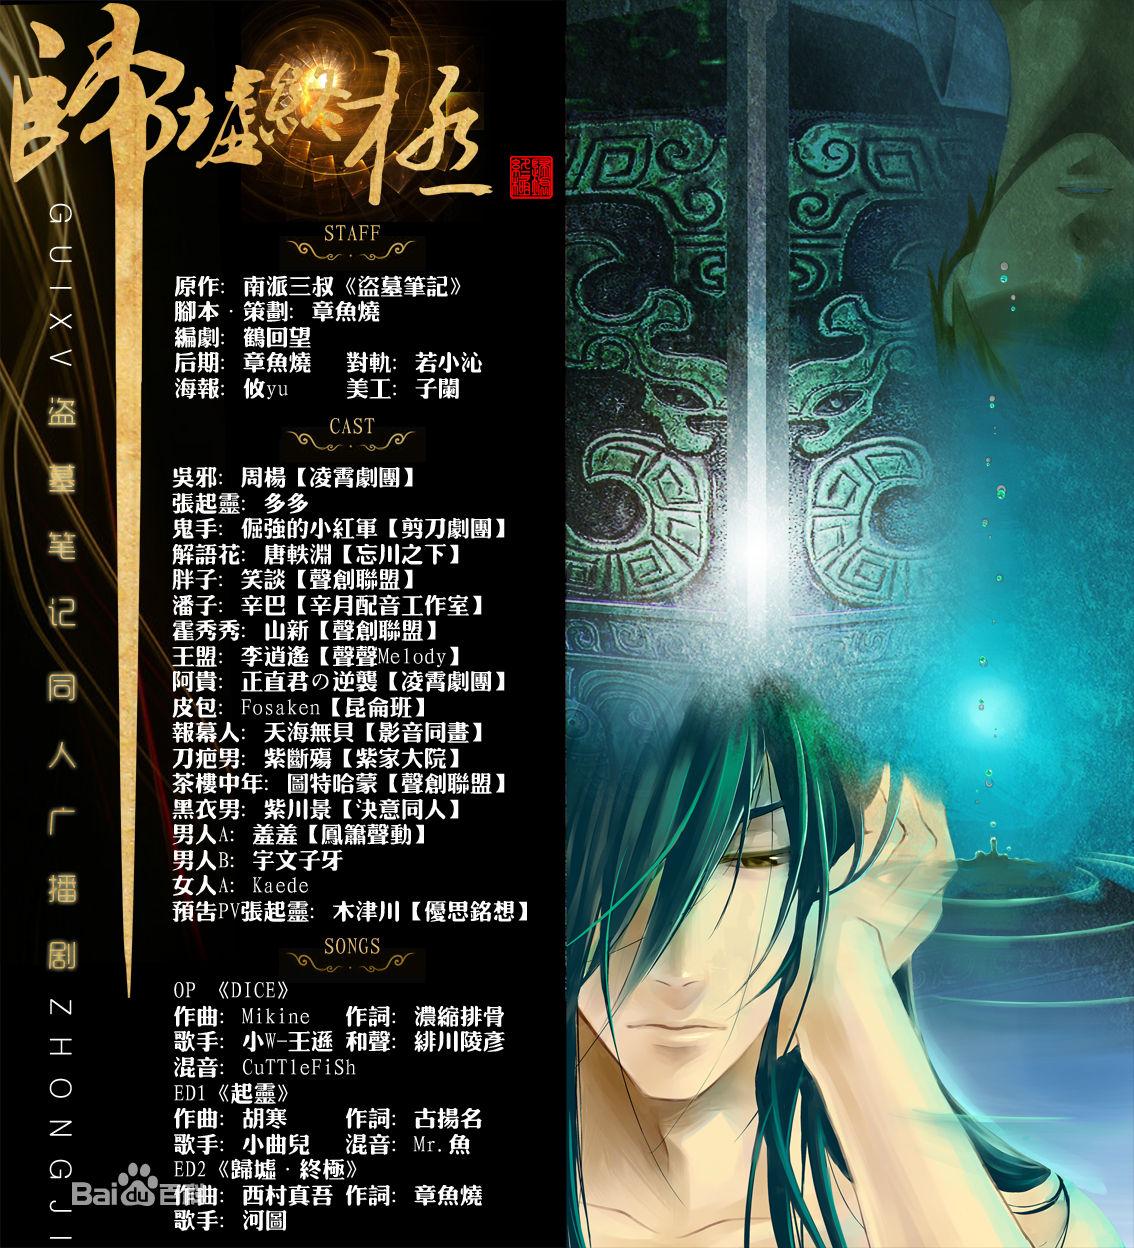 《归墟终极》是一部由小说,漫画,cd,广播剧组成的盗墓笔记同人企划.图片